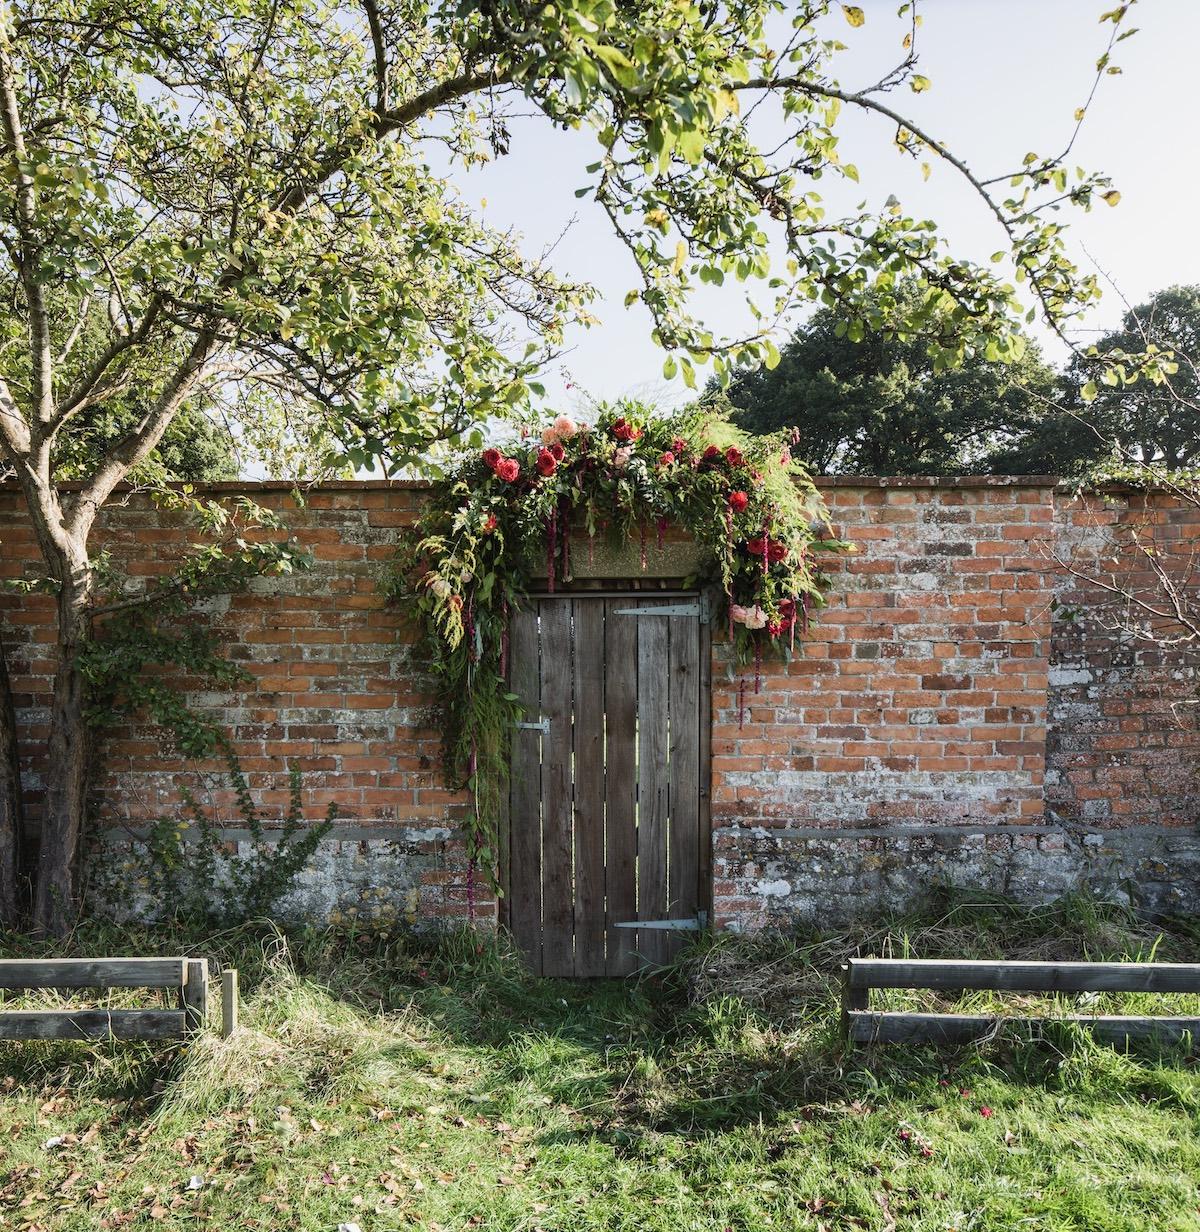 Loulabel Floral Design 7 1600x1642.jpg